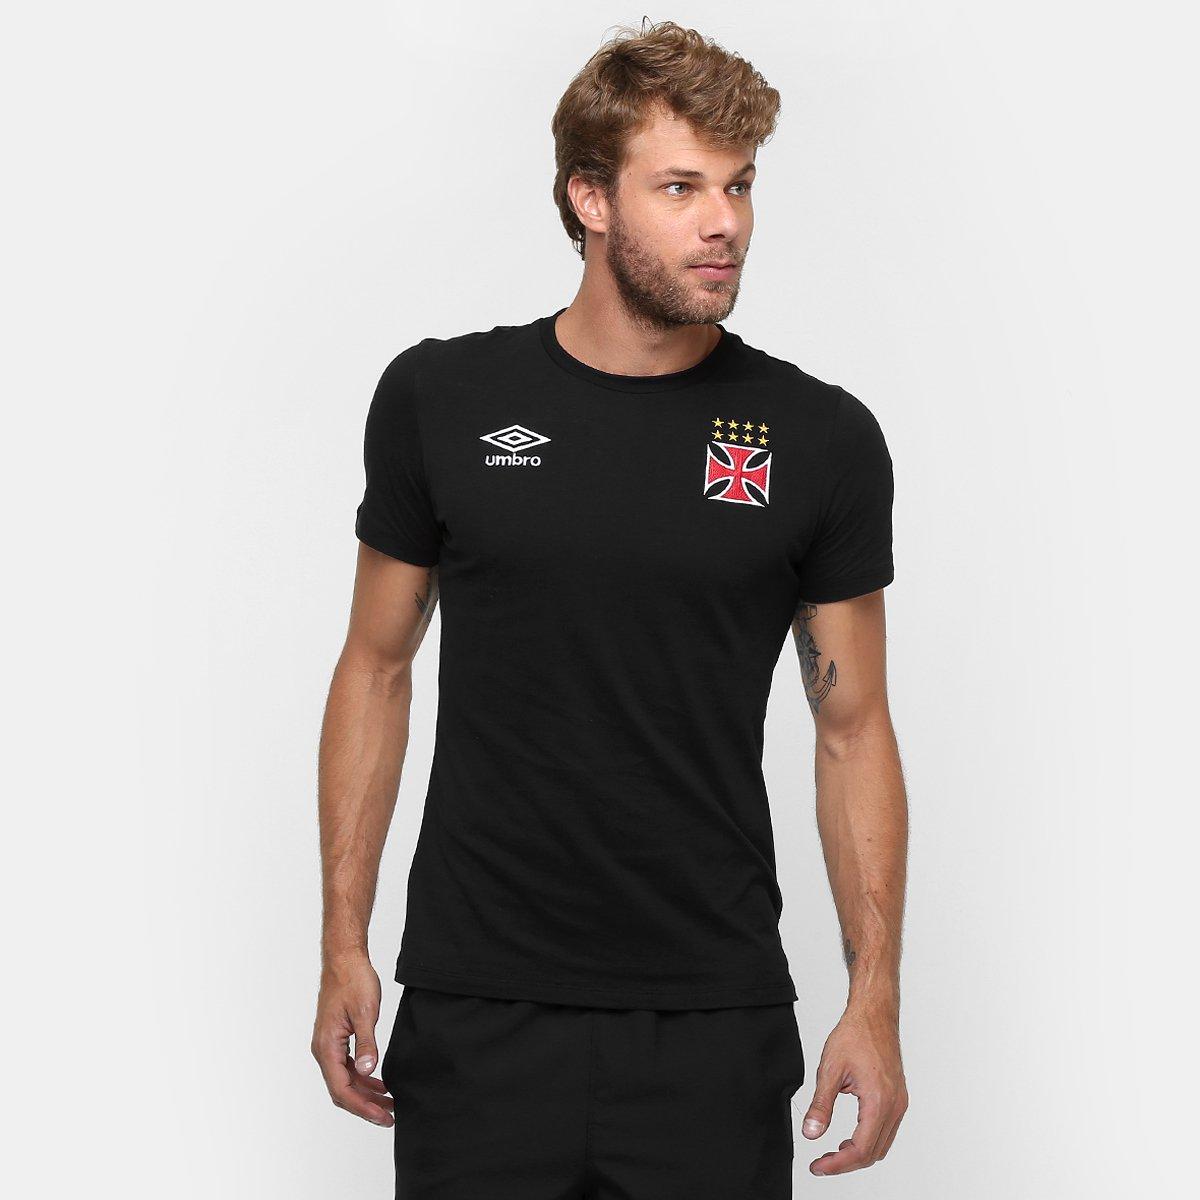 a78bcd8d47c23 Camisa Umbro Vasco Concentração 2016 - Compre Agora